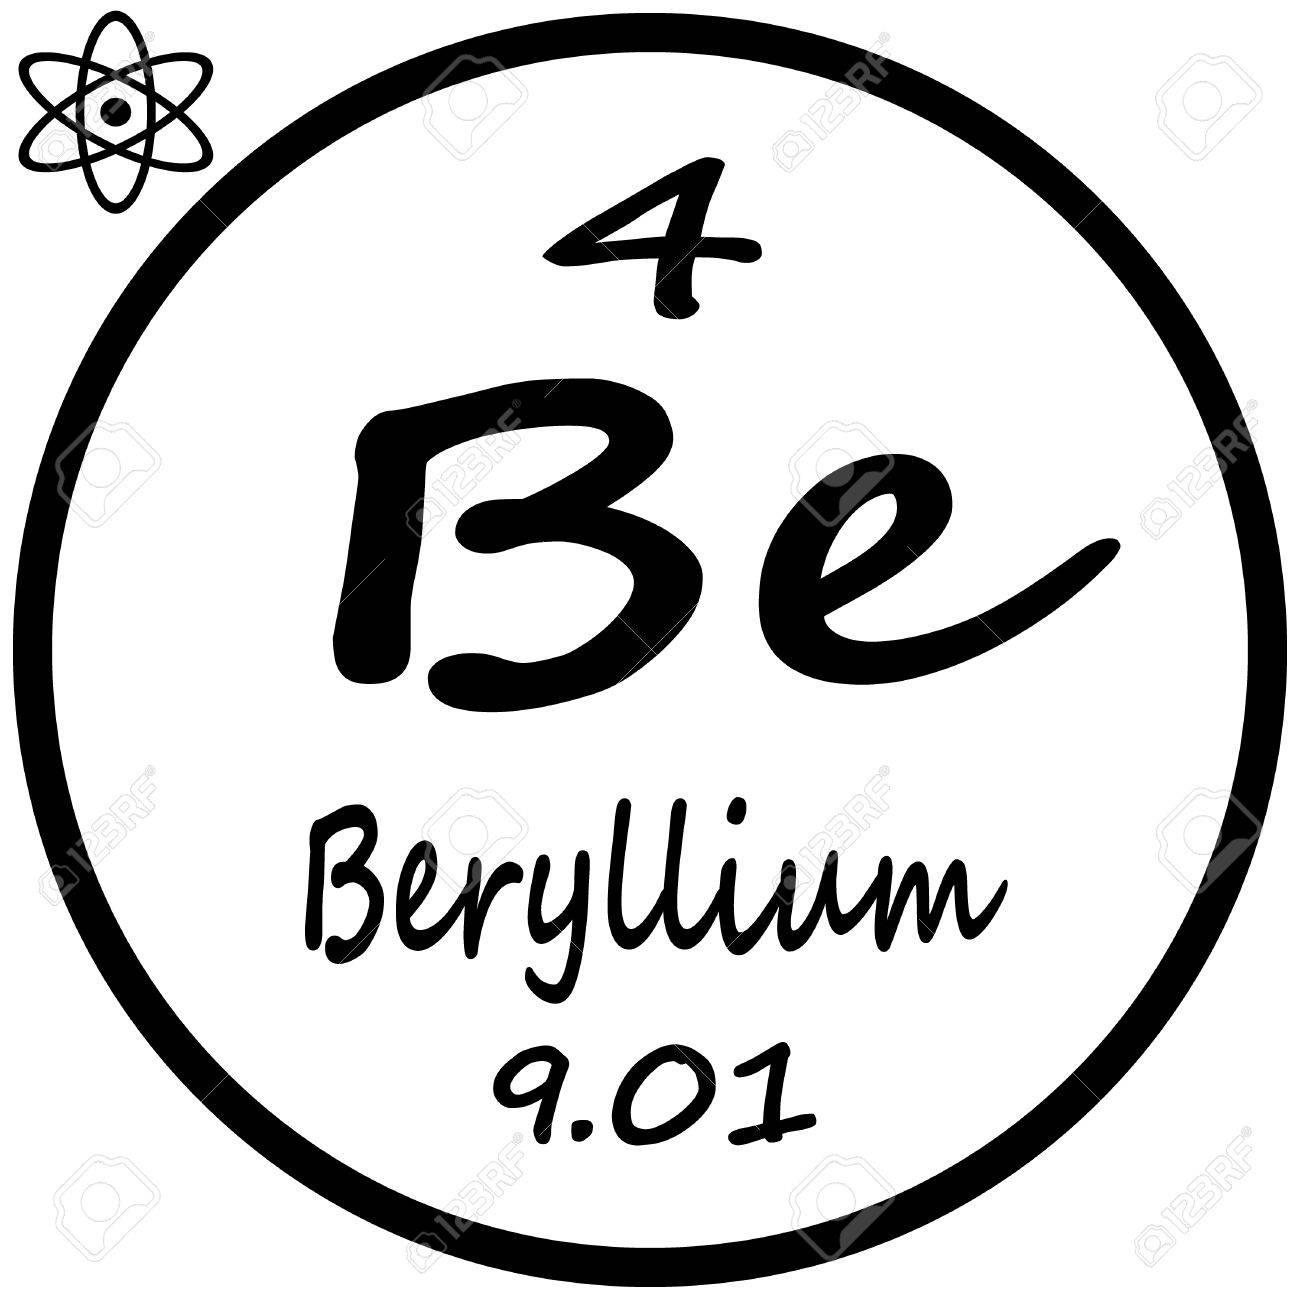 Periodic table of elements calcium choice image periodic table periodic table of elements beryllium royalty free cliparts periodic table of elements beryllium stock vector 53482391 gamestrikefo Images